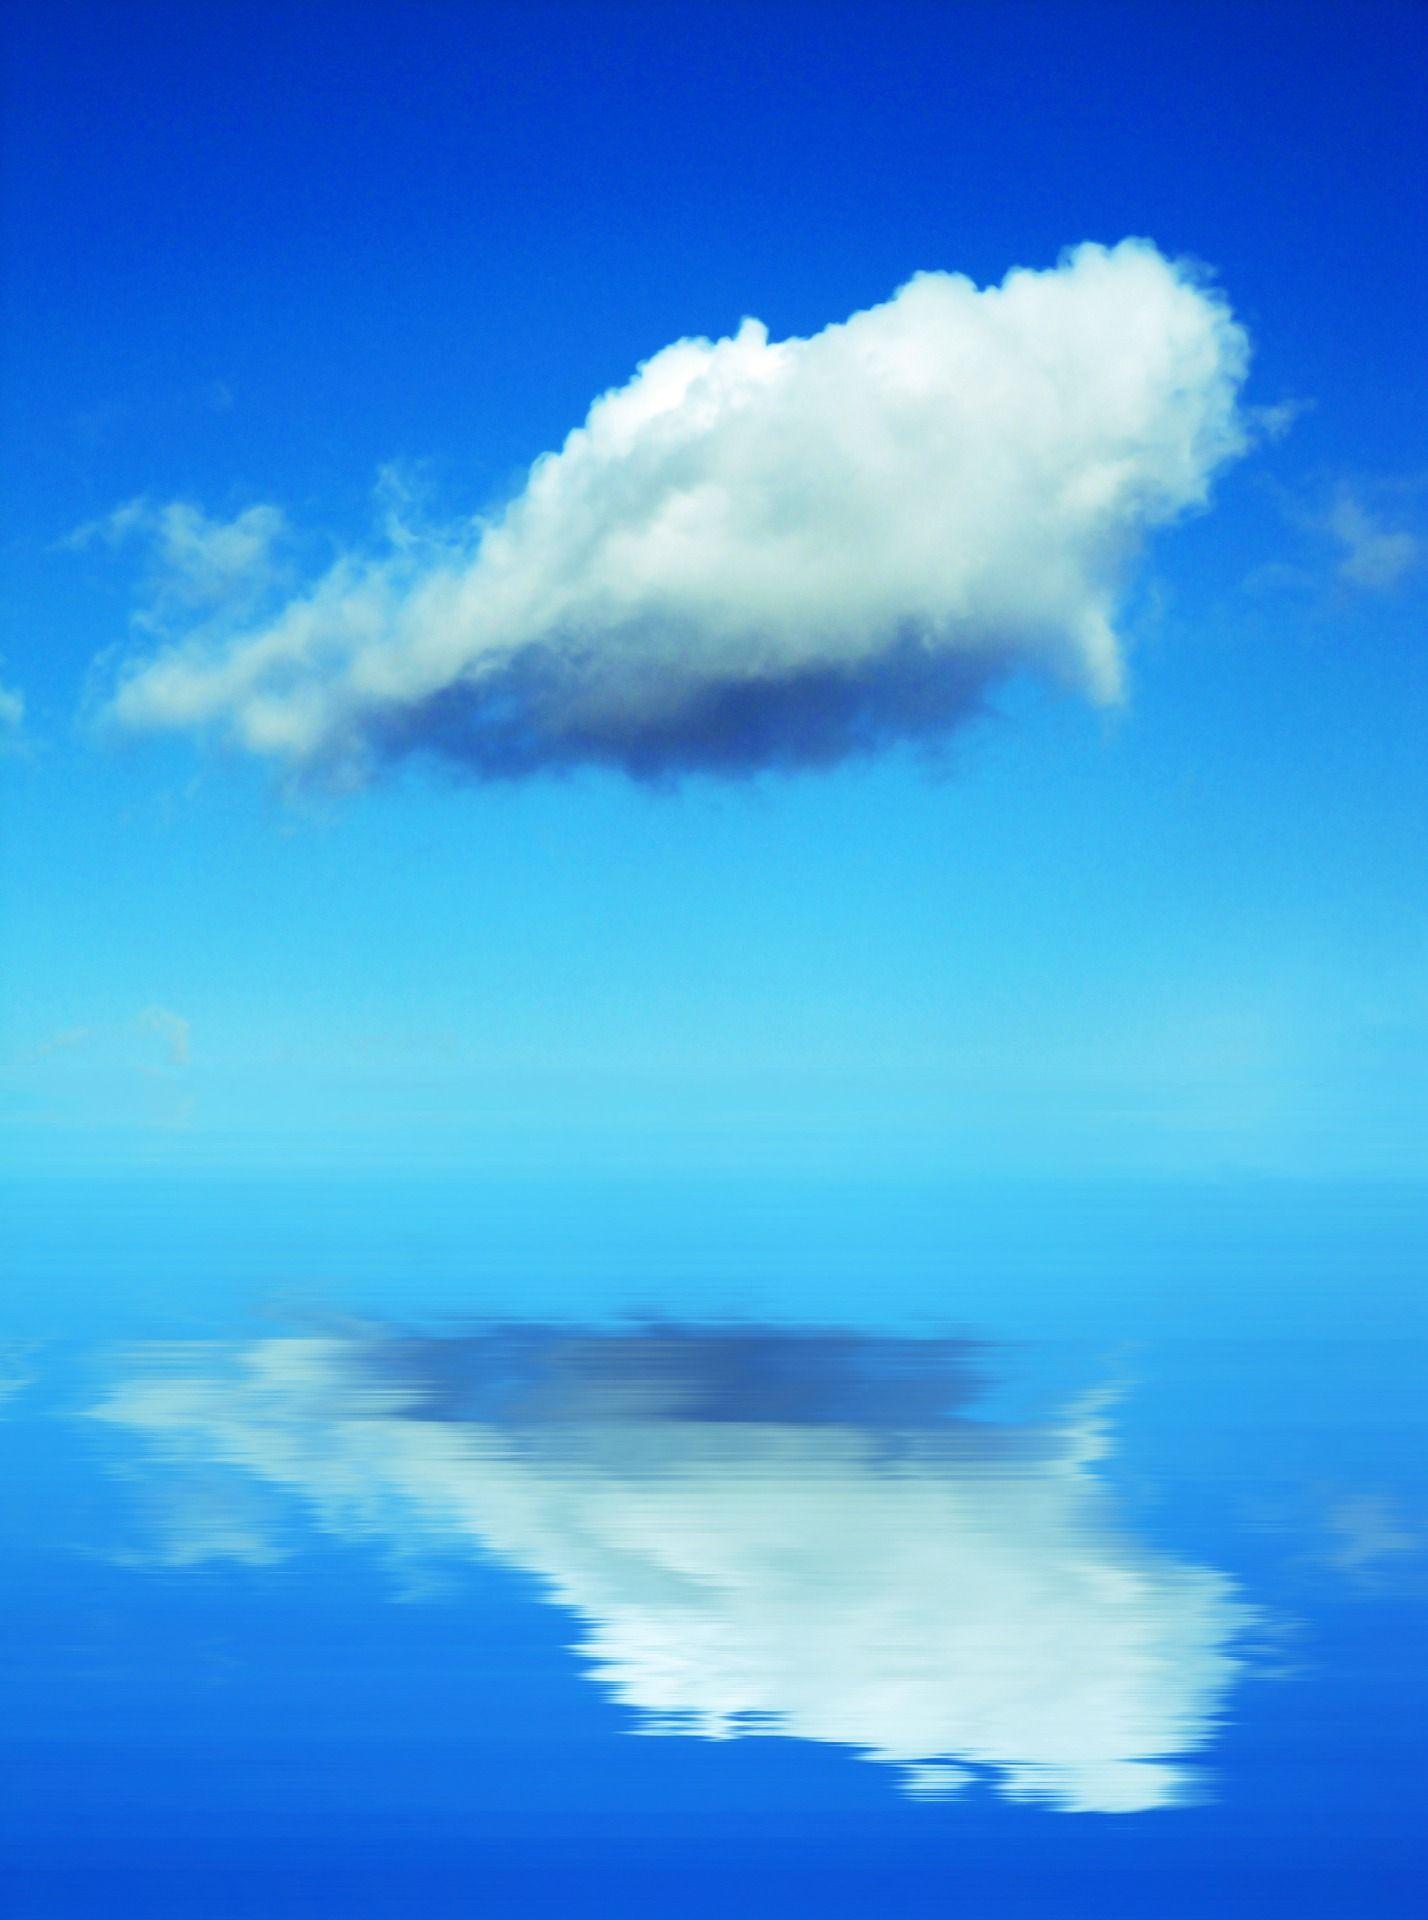 하늘에도 고래가, 물에도 고래가 둥둥